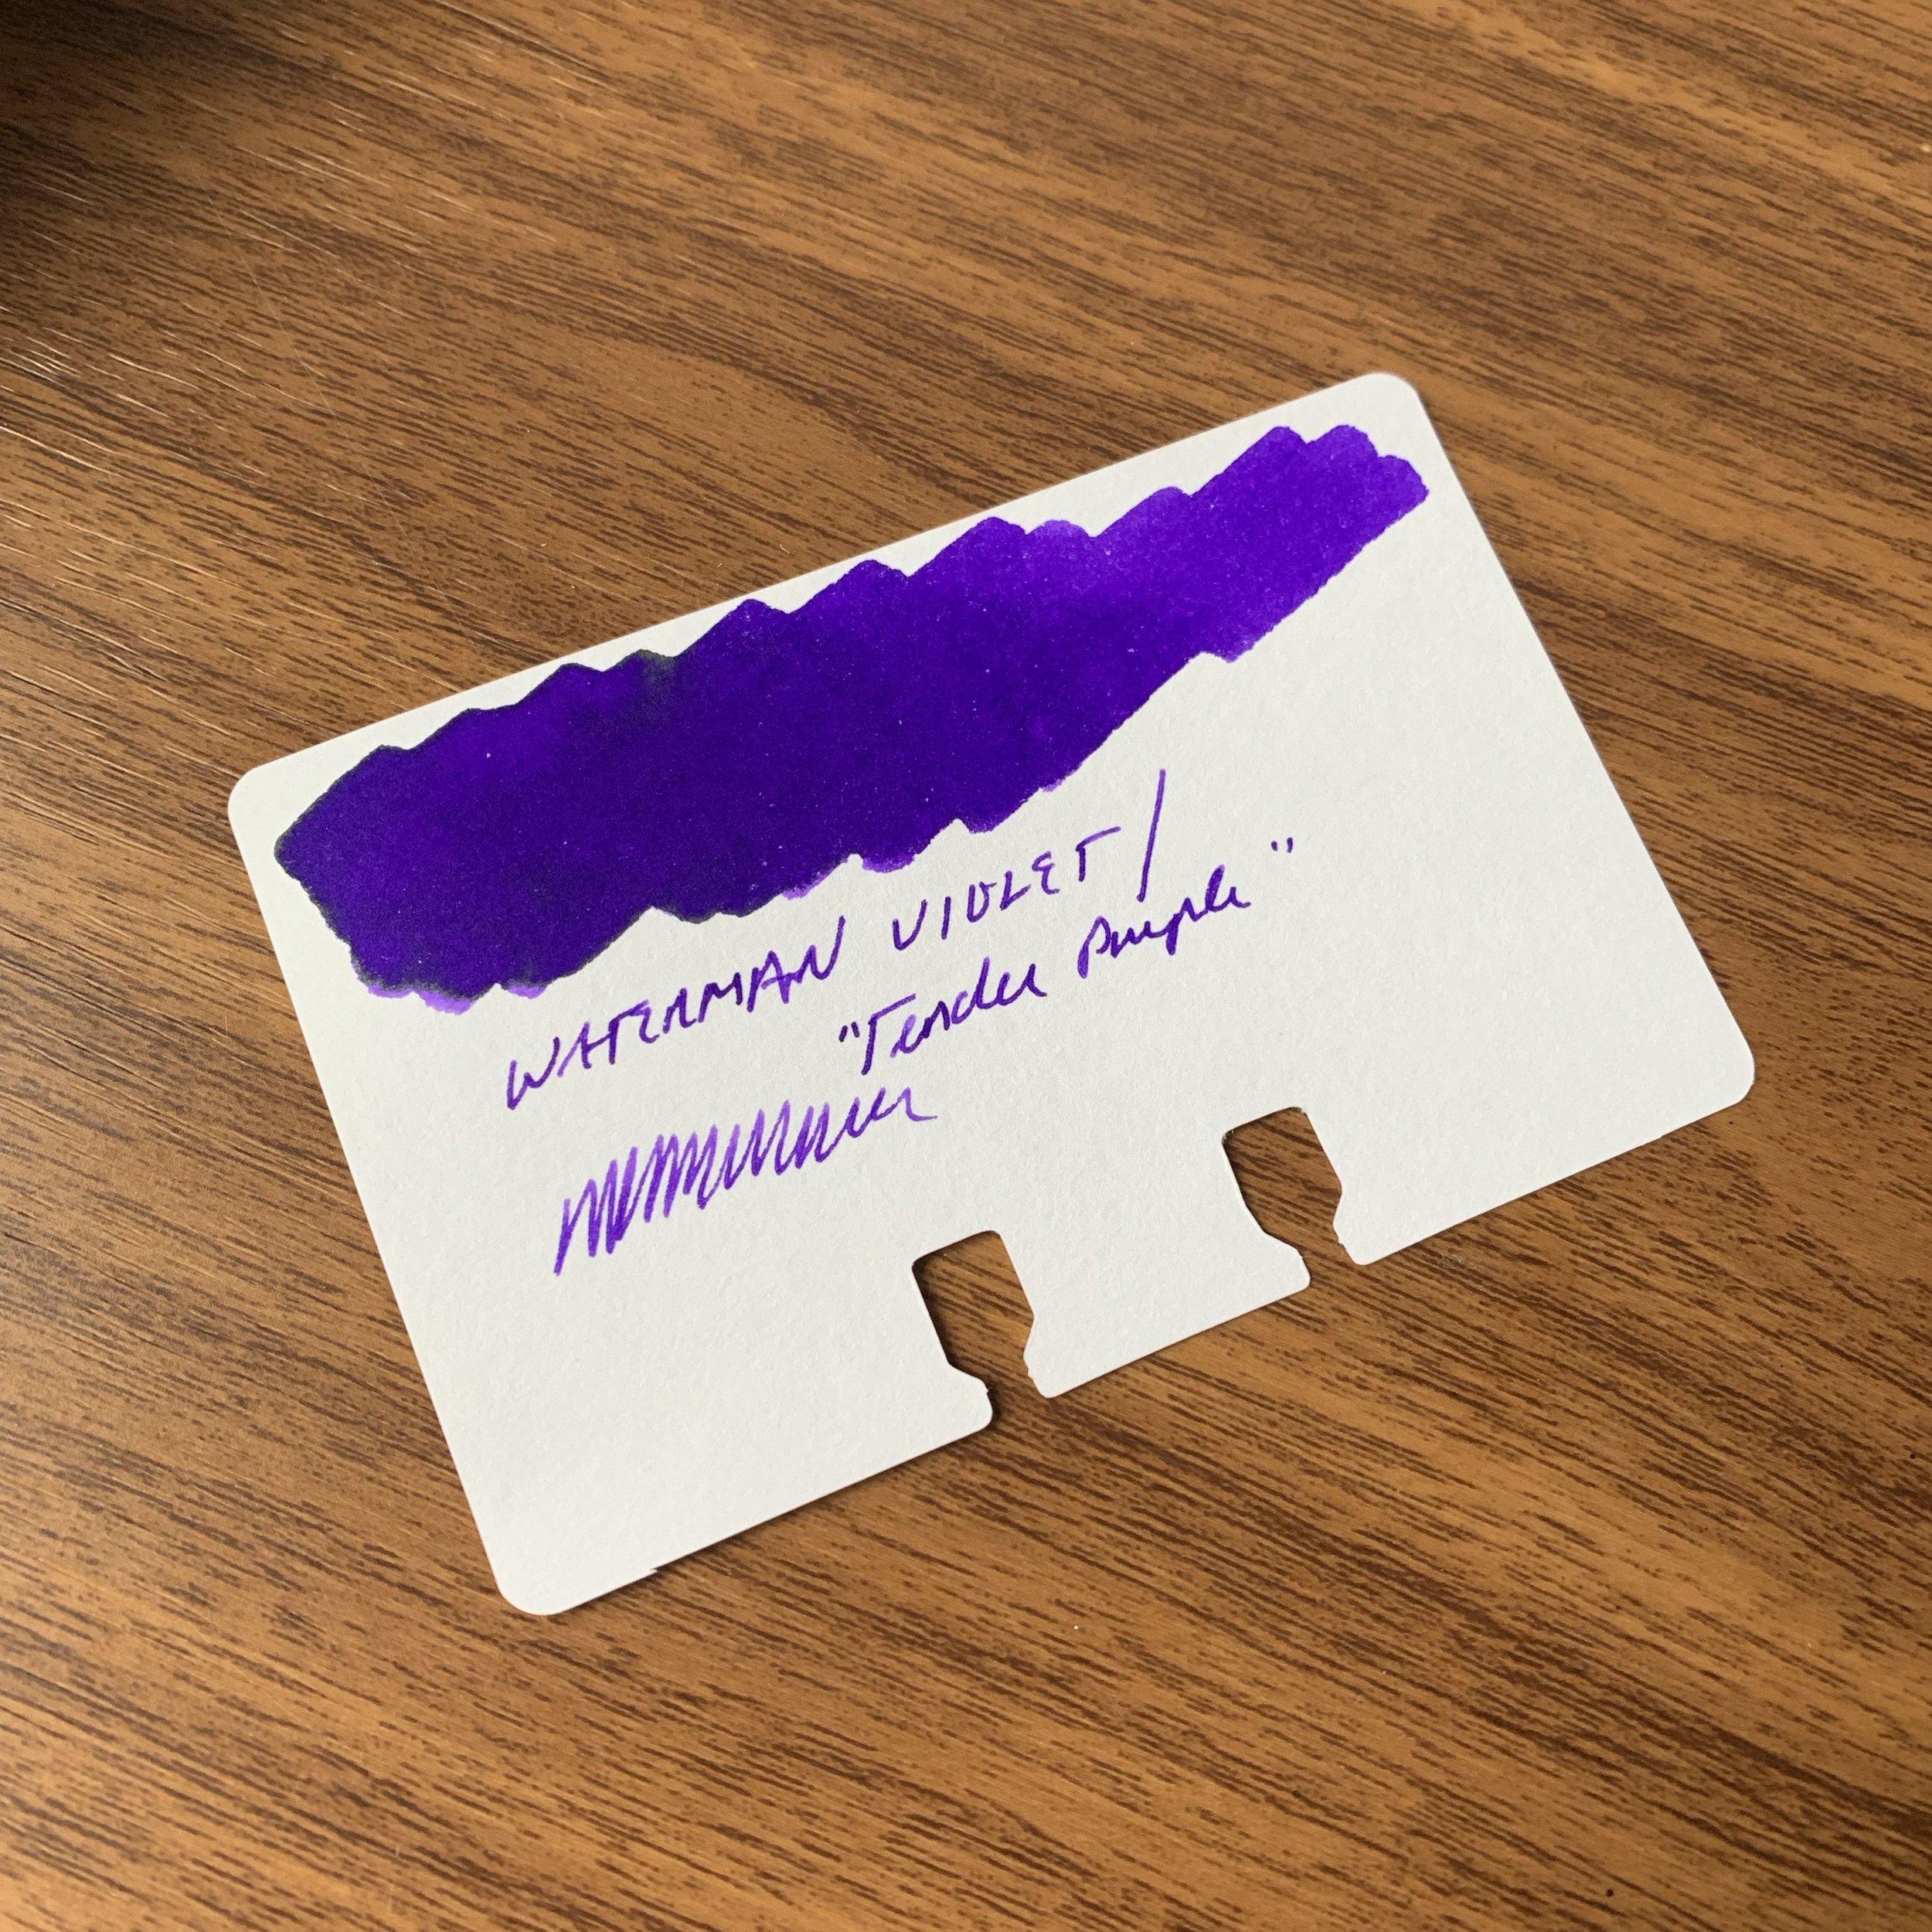 Waterman-Tender-Purple-Swatch